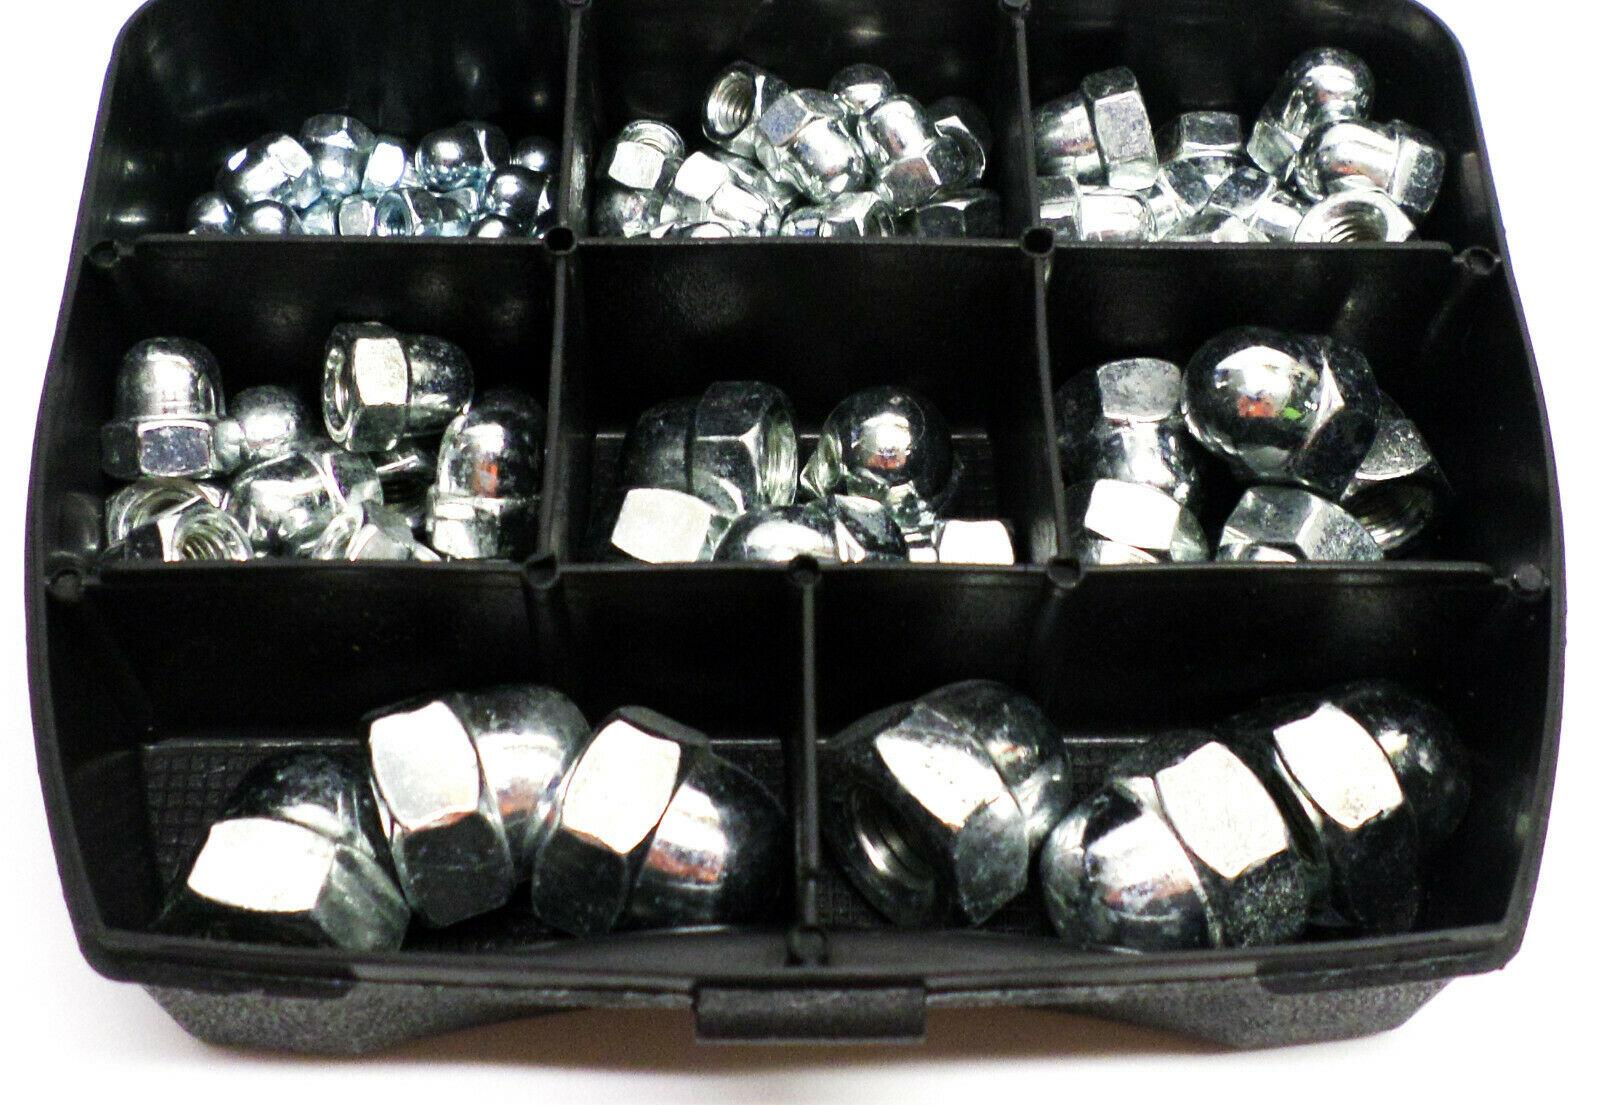 Dopmoeren DIN1587 in assortimentsbox